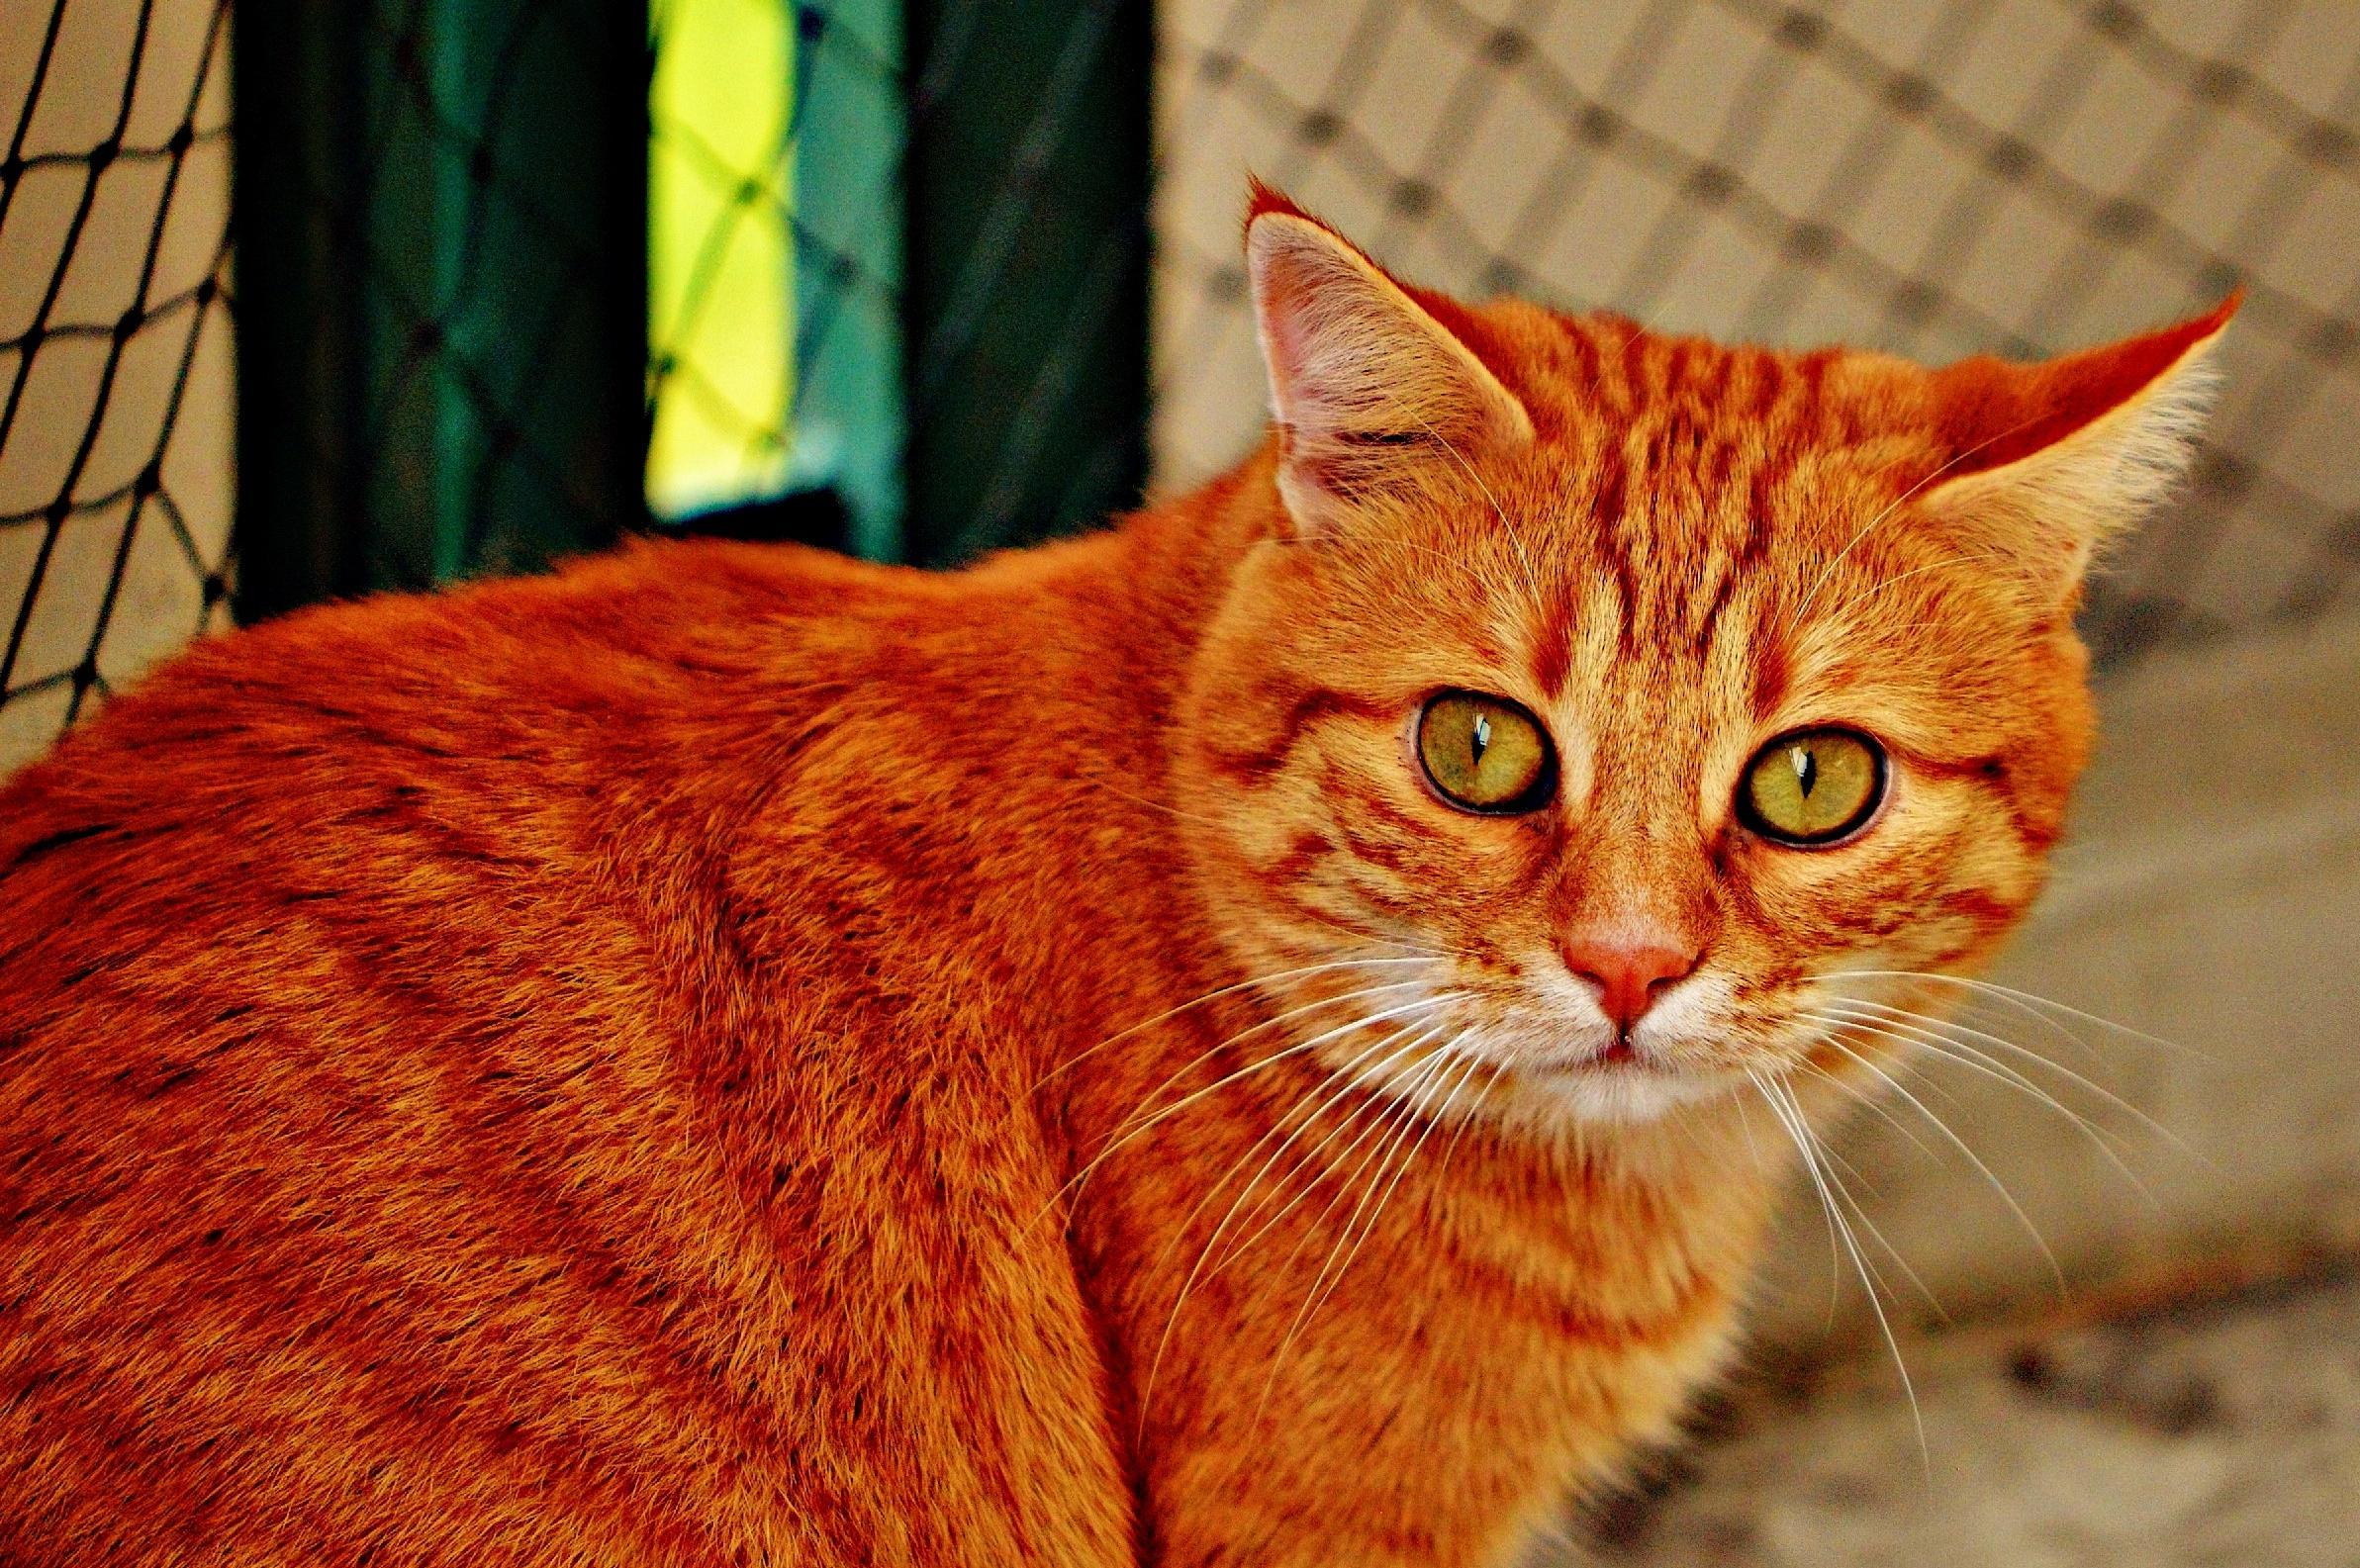 Смешные картинки с рыжими кошками, открытка для